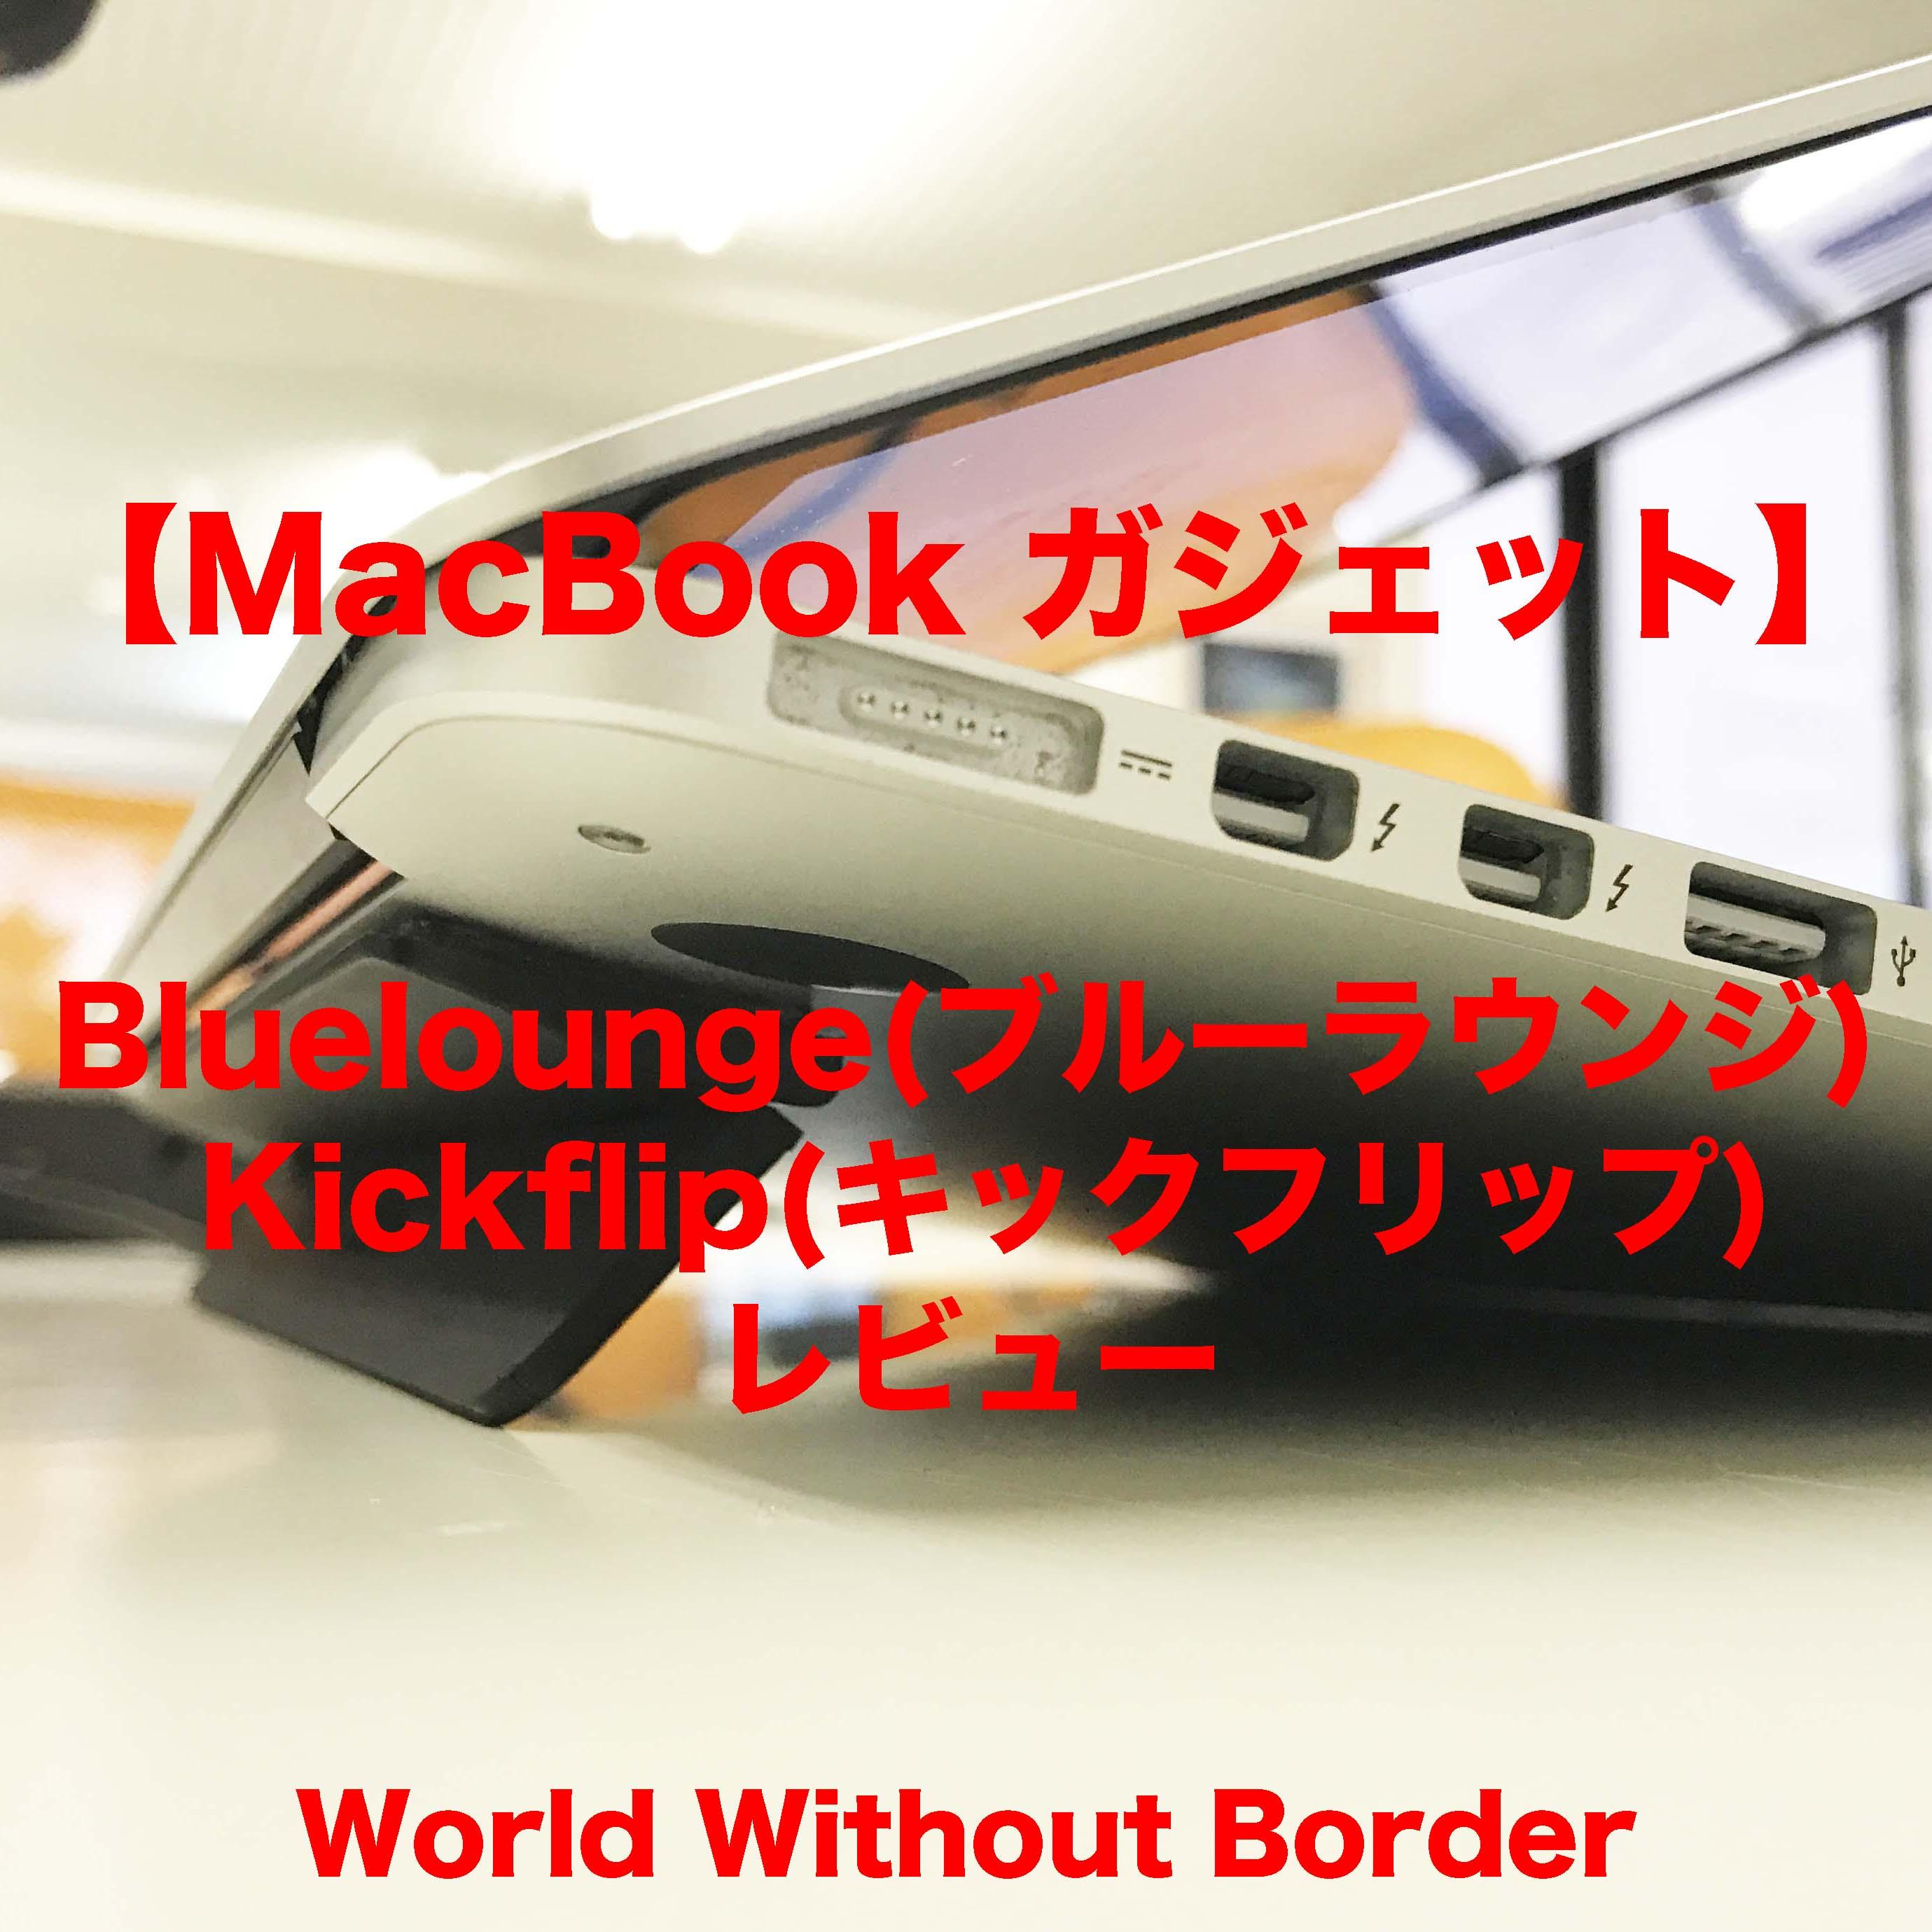 【ガジェットレビュー】熱いパソコン対策!Bluelounge(ブルーラウンジ) Kickflip(キックフリップ)